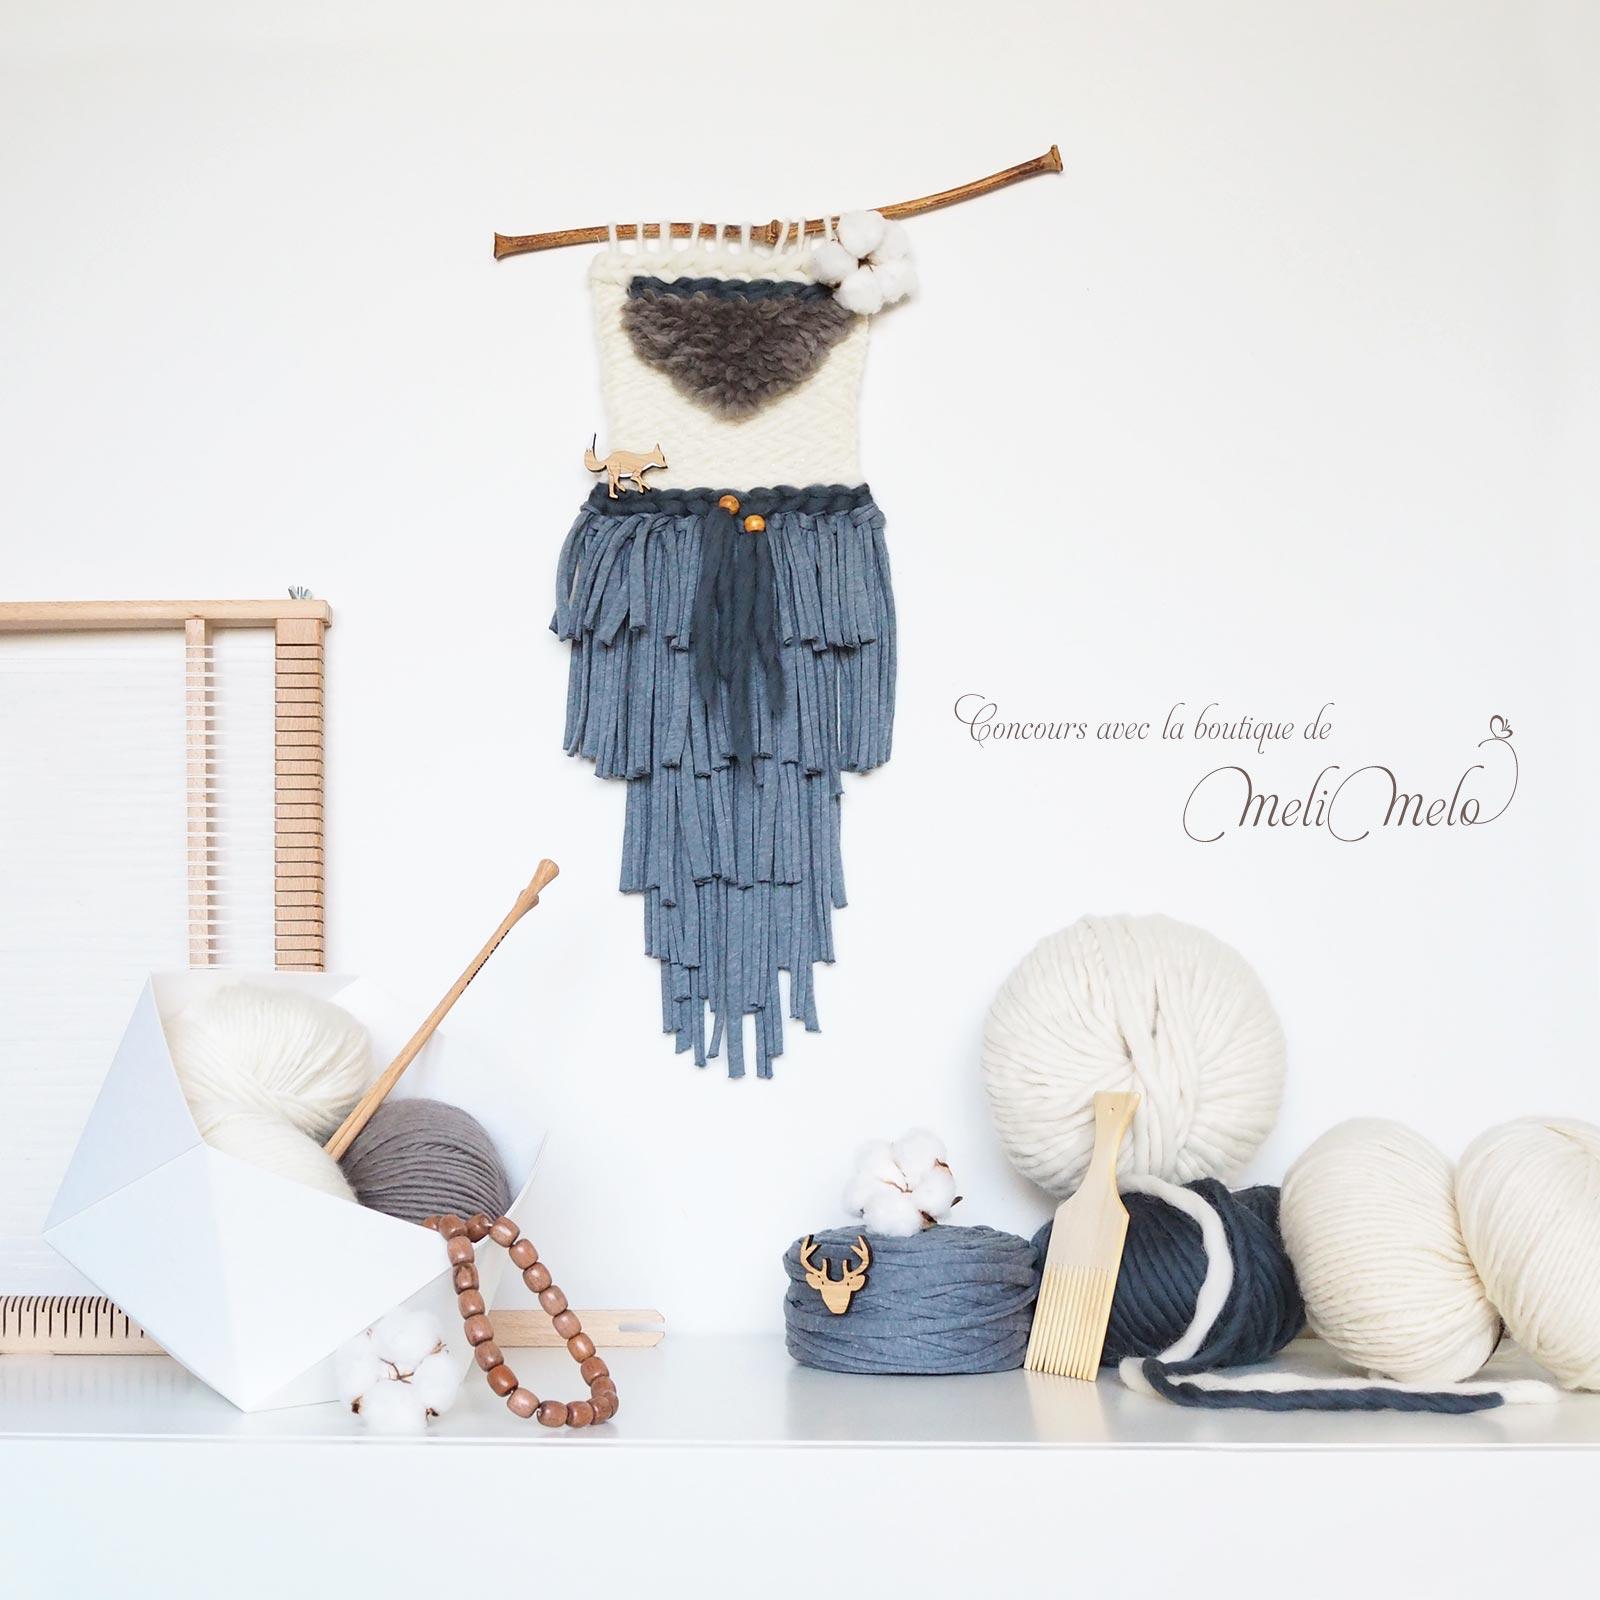 Concours Kit de tissage DIY Fleur de coton renard onehappyleaf laboutiquedemelimelo